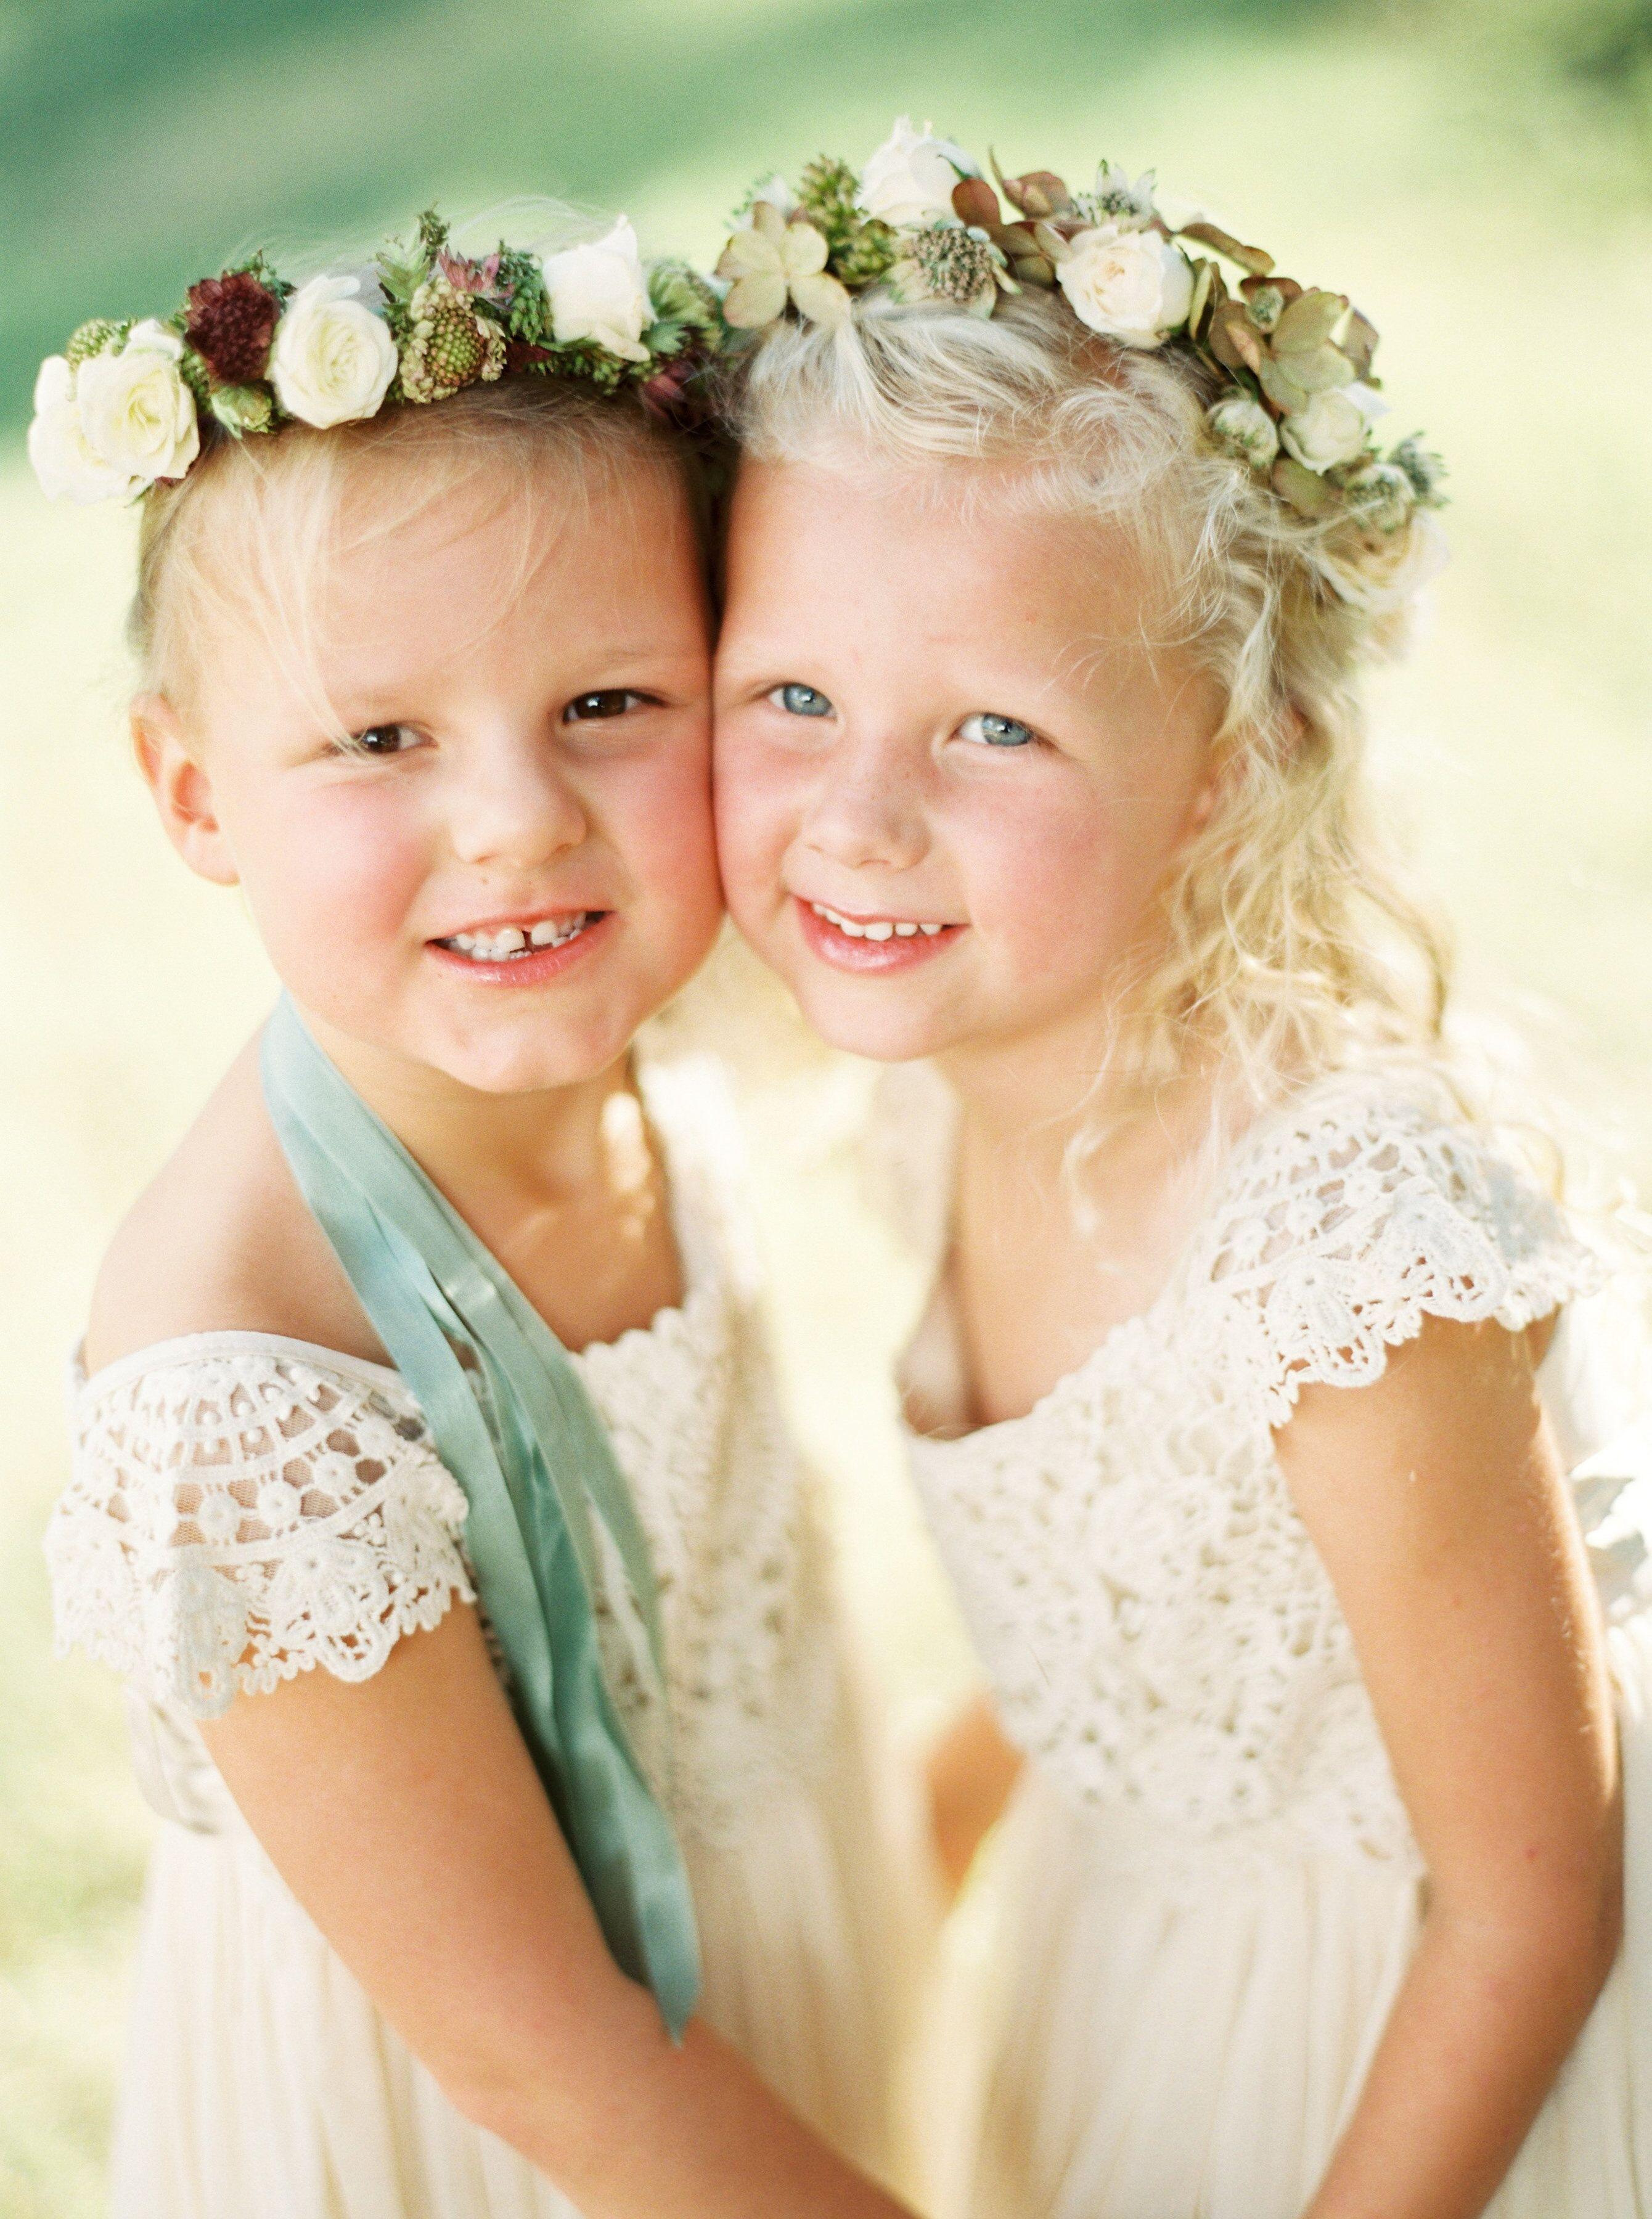 kelsey jacob wedding flower girls in white